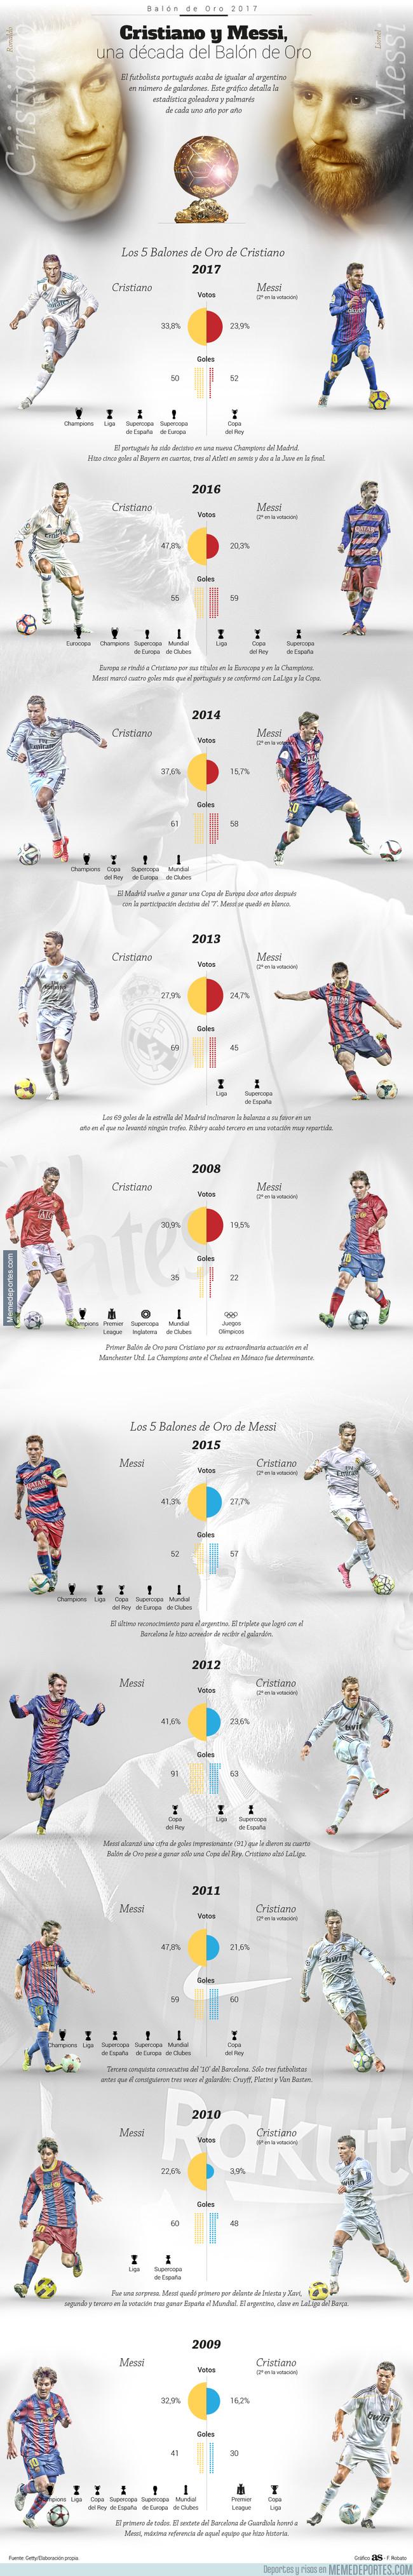 1010965 - Cristiano y Messi en el Balón de Oro los últimos 10 años. (Goles y Títulos)